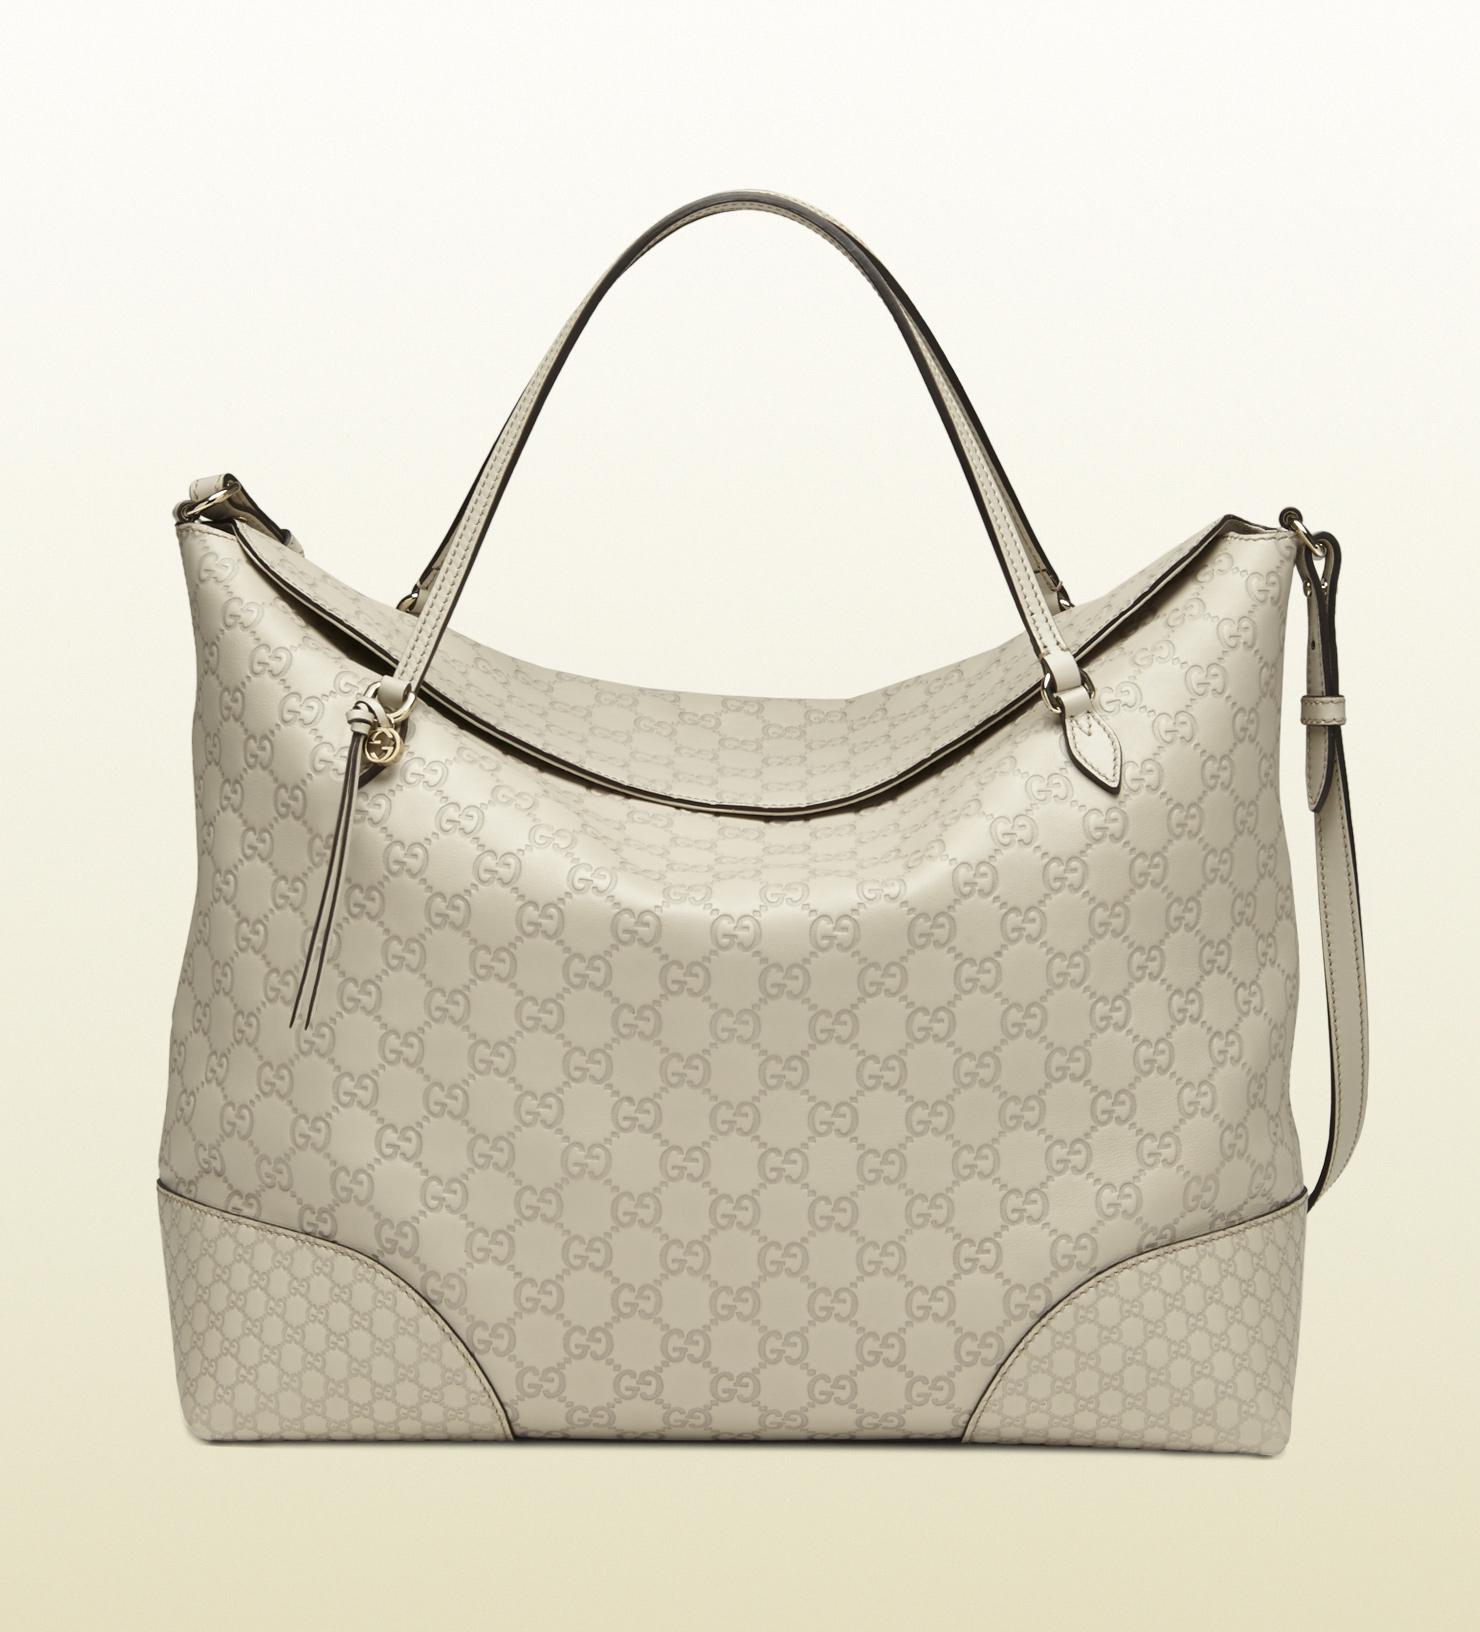 12e67fb622 Gucci Bree Ssima Leather Tote in Gray - Lyst